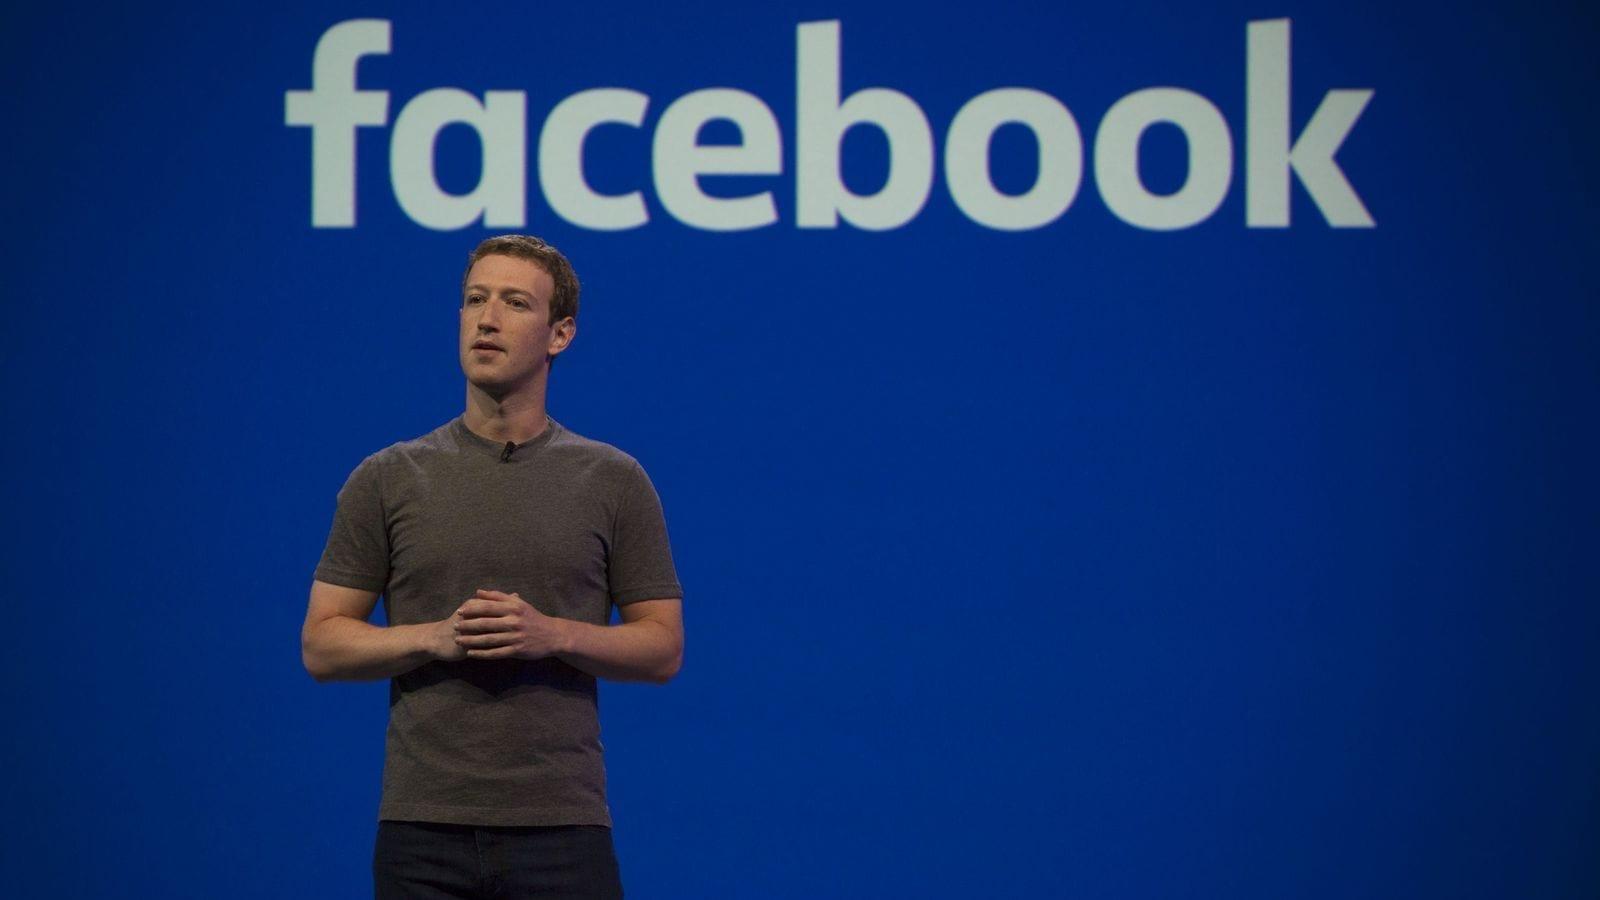 Image of Mark Zuckerburg